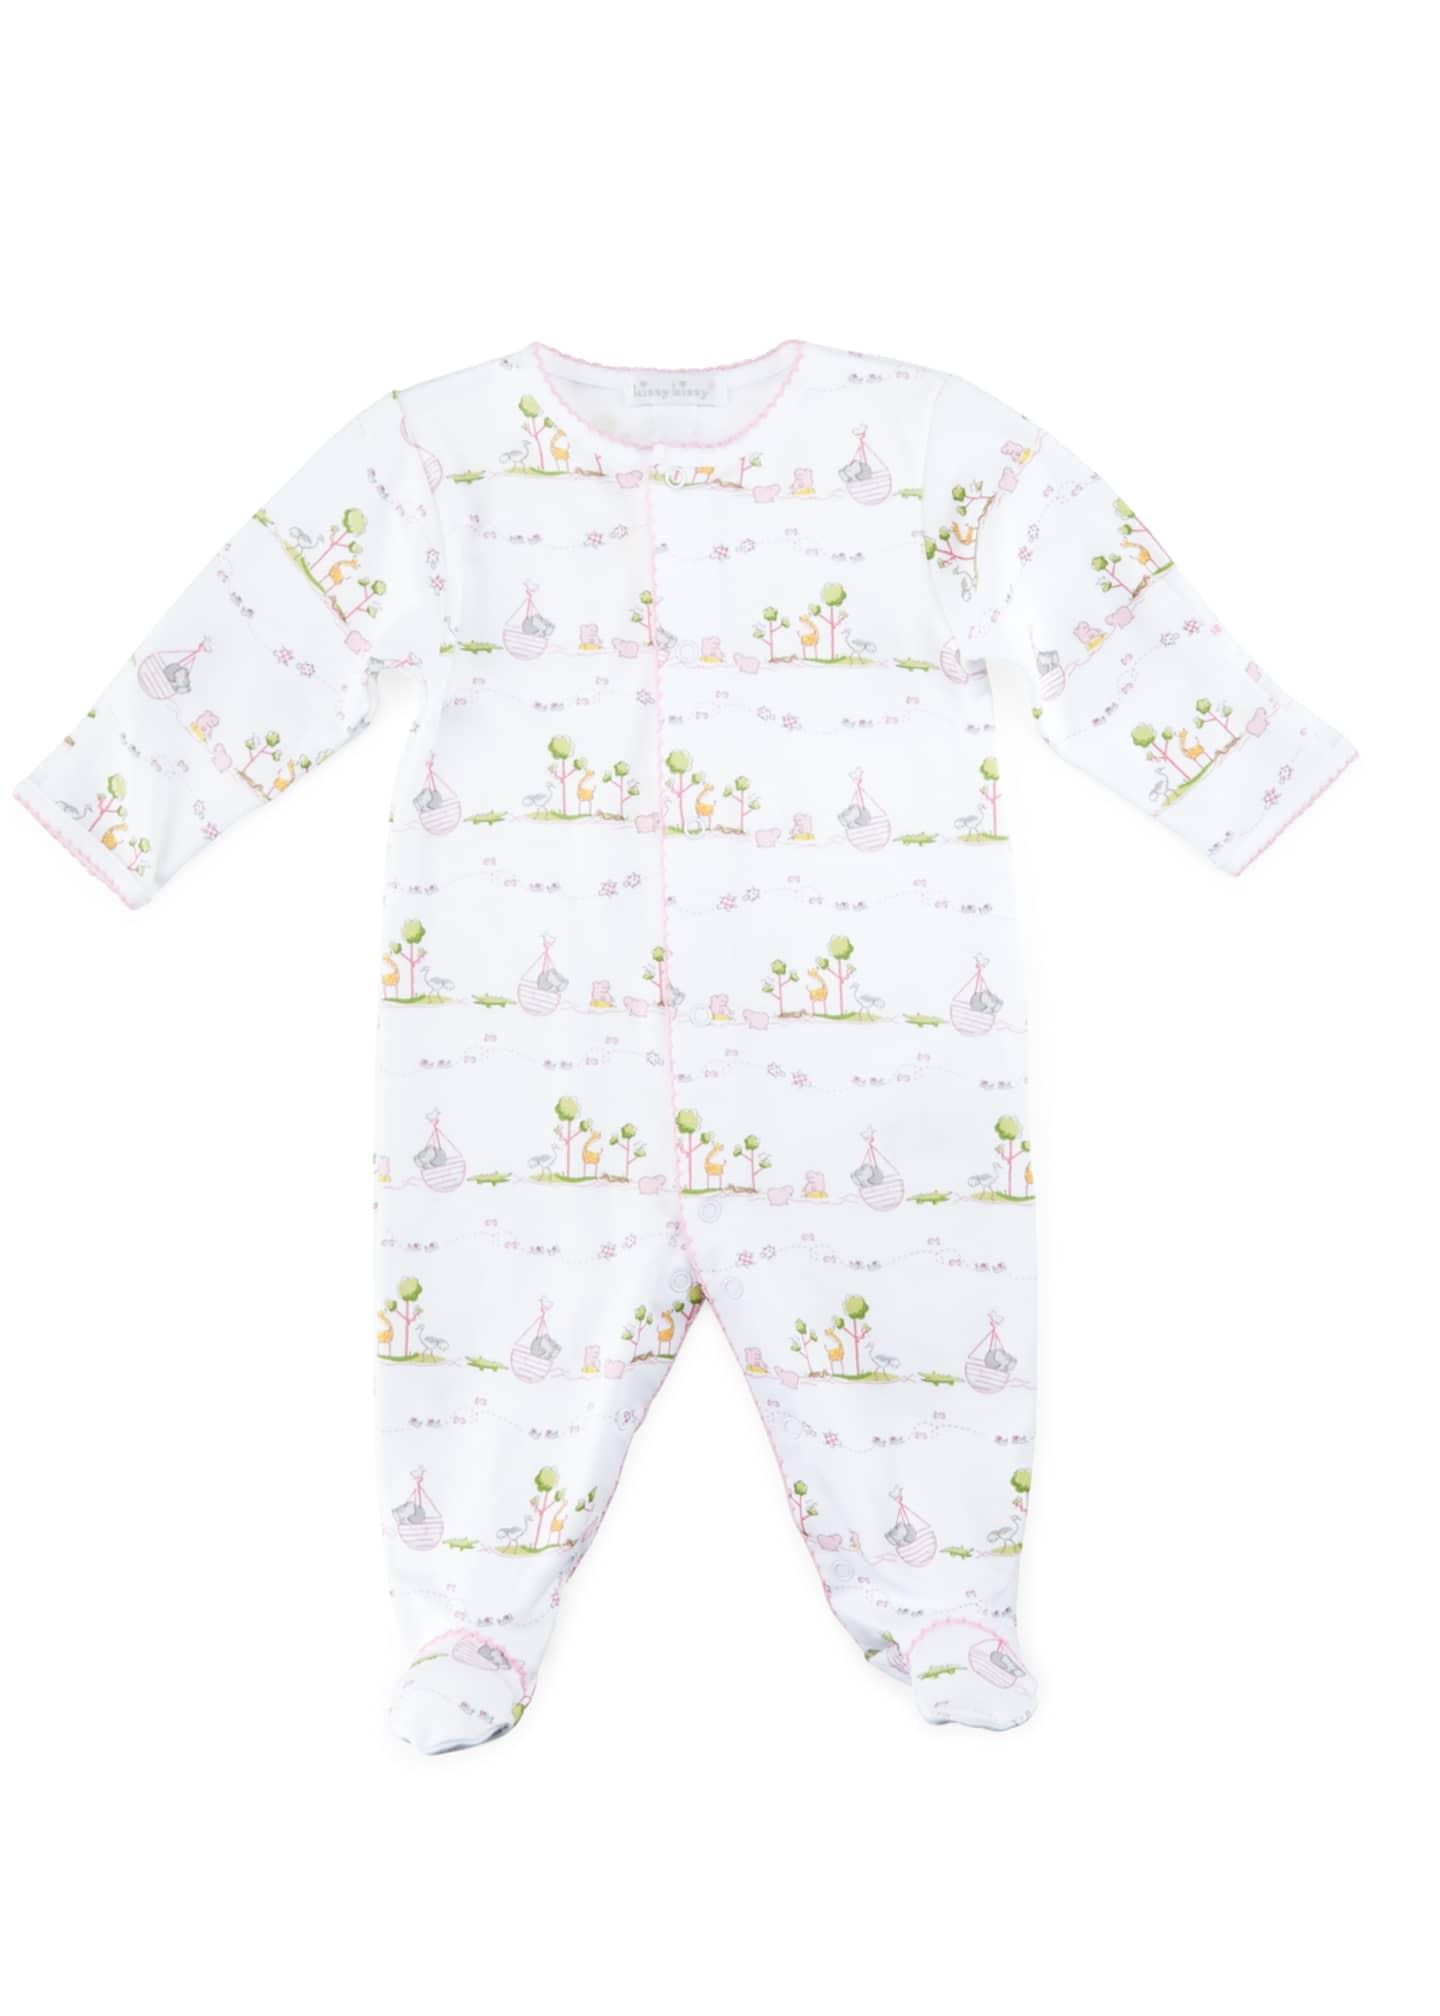 Kissy Kissy Noah's Ark Printed Footie Pajamas, Size